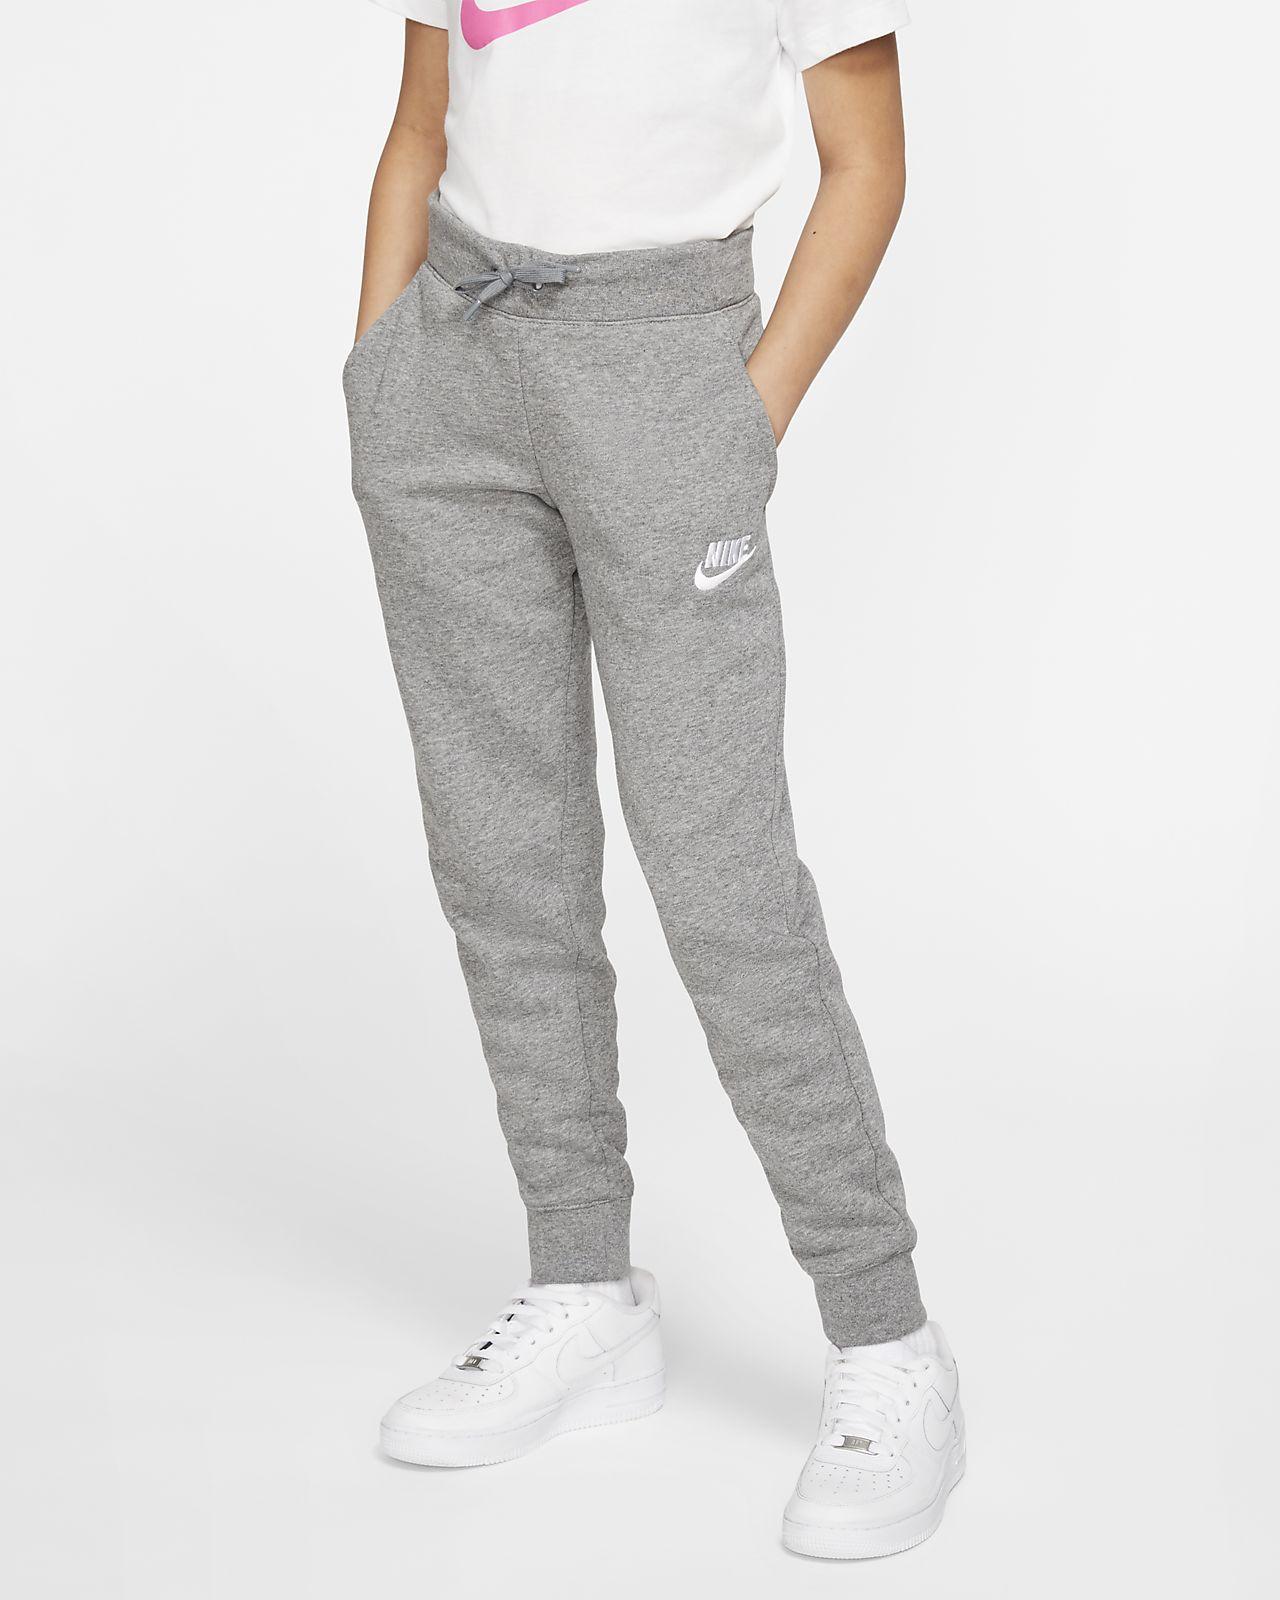 Nike Sportswear Hose für ältere Kinder (Mädchen)